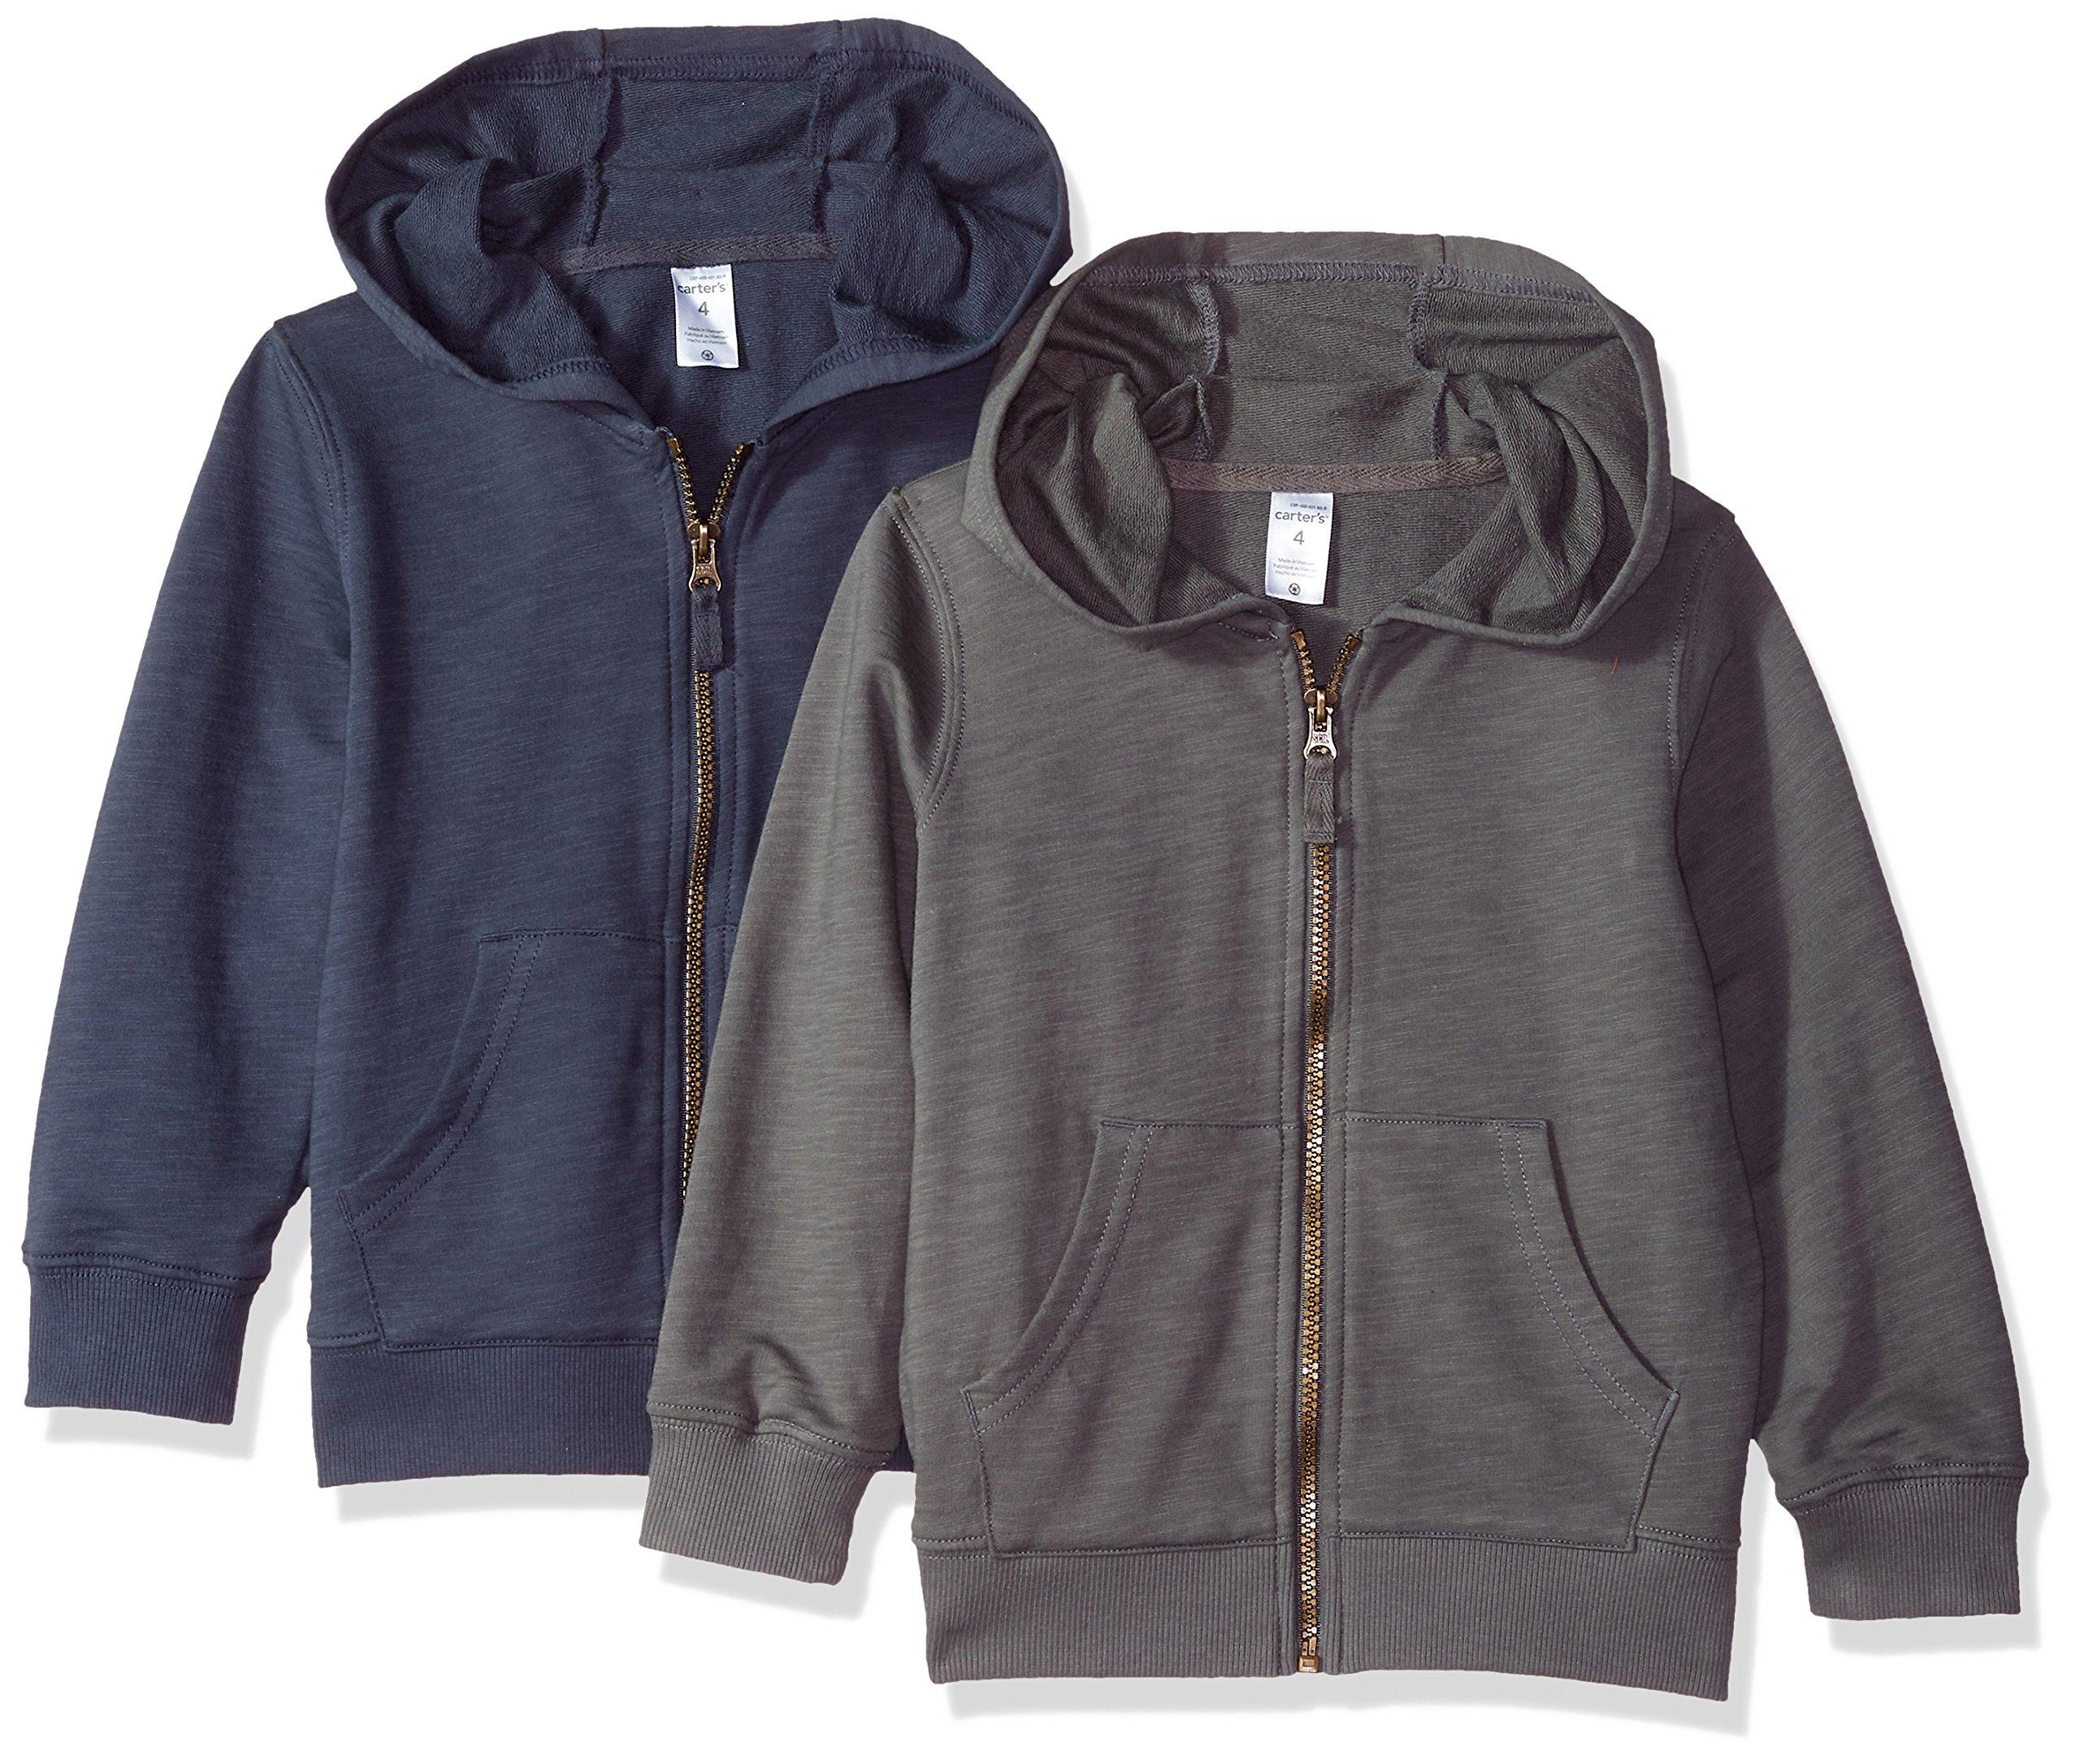 Carter's Big Boys' 2-Pack Full Zip Hoodie, Grey/Navy, 5